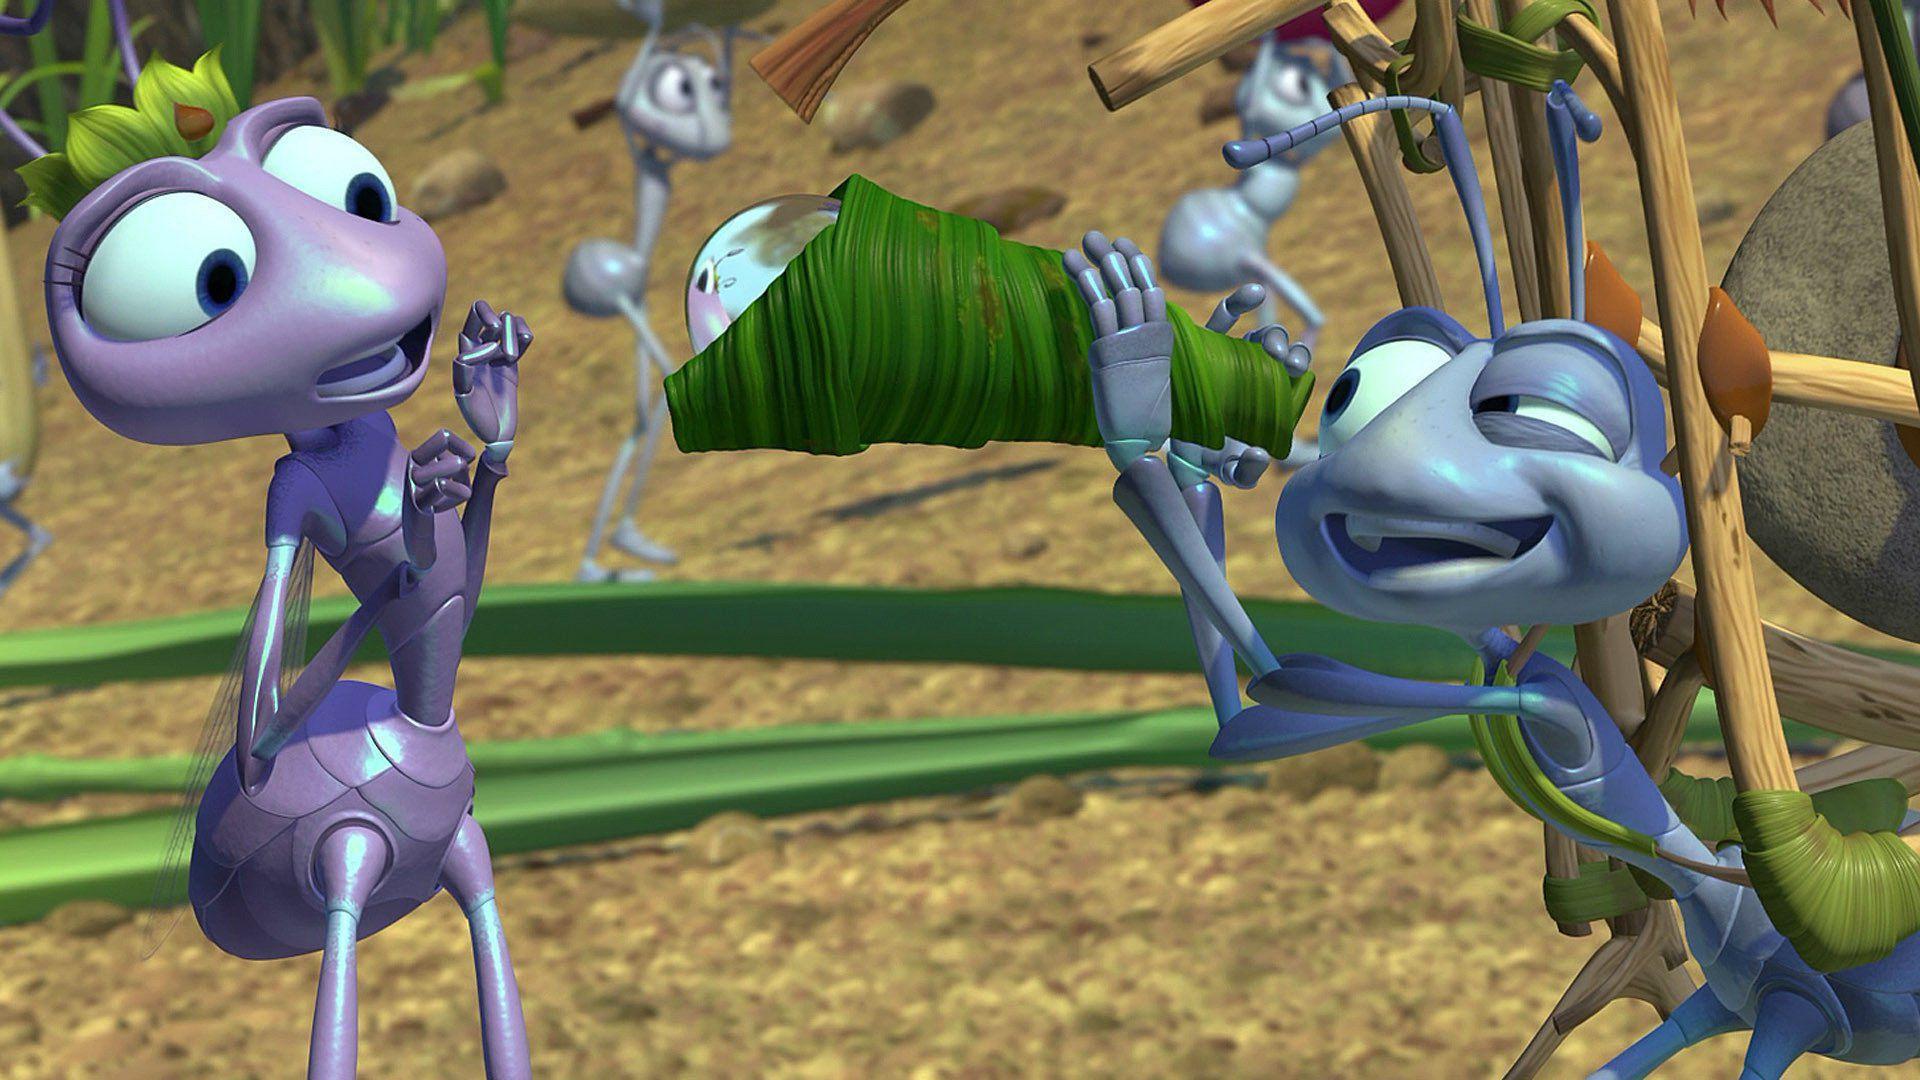 A Bug's Life Photos